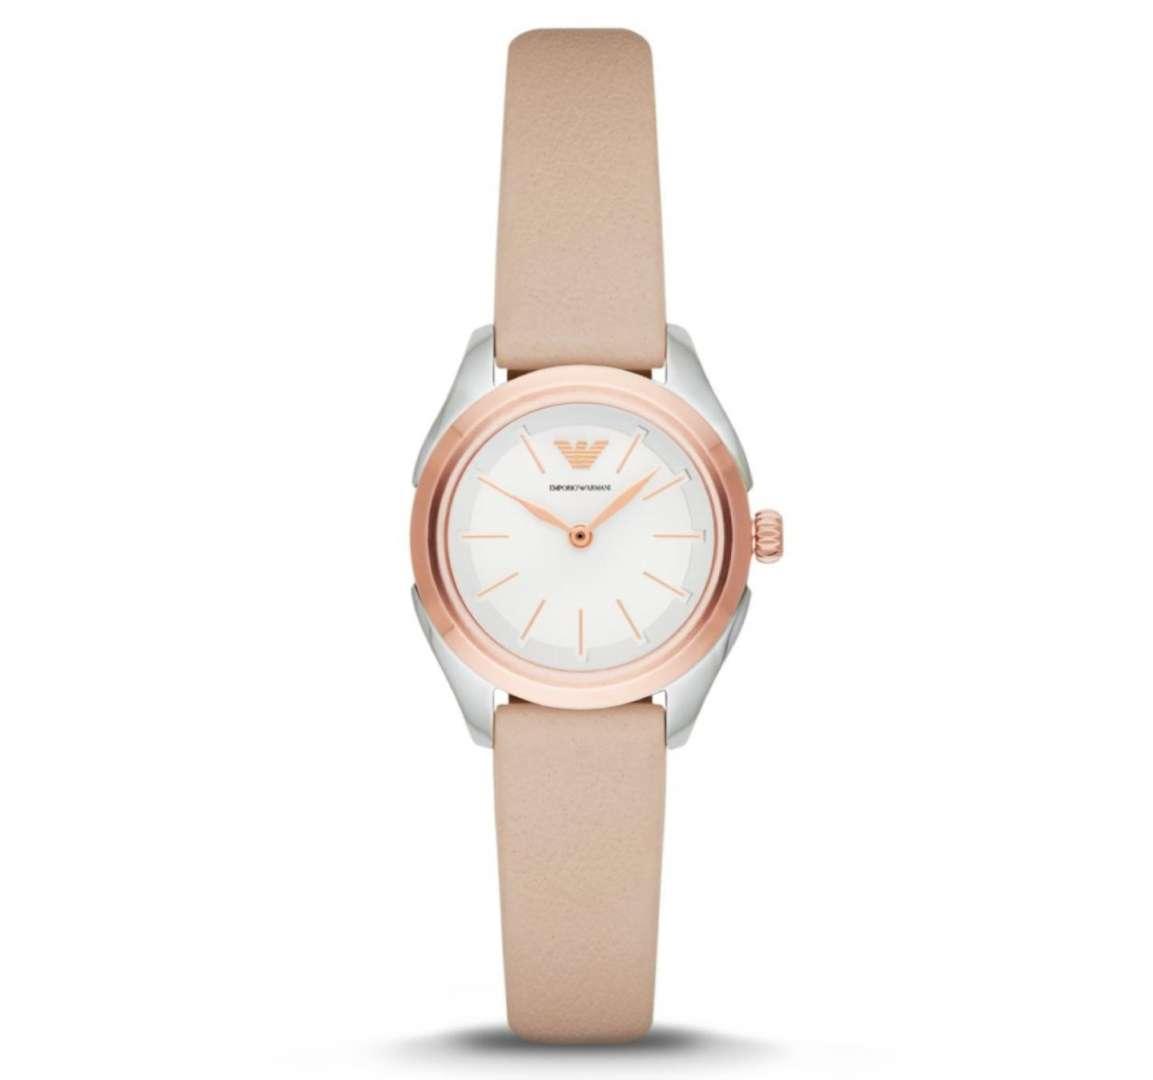 שעון יד אנלוגי לאישה emporio armani ar11031 אמפוריו ארמני